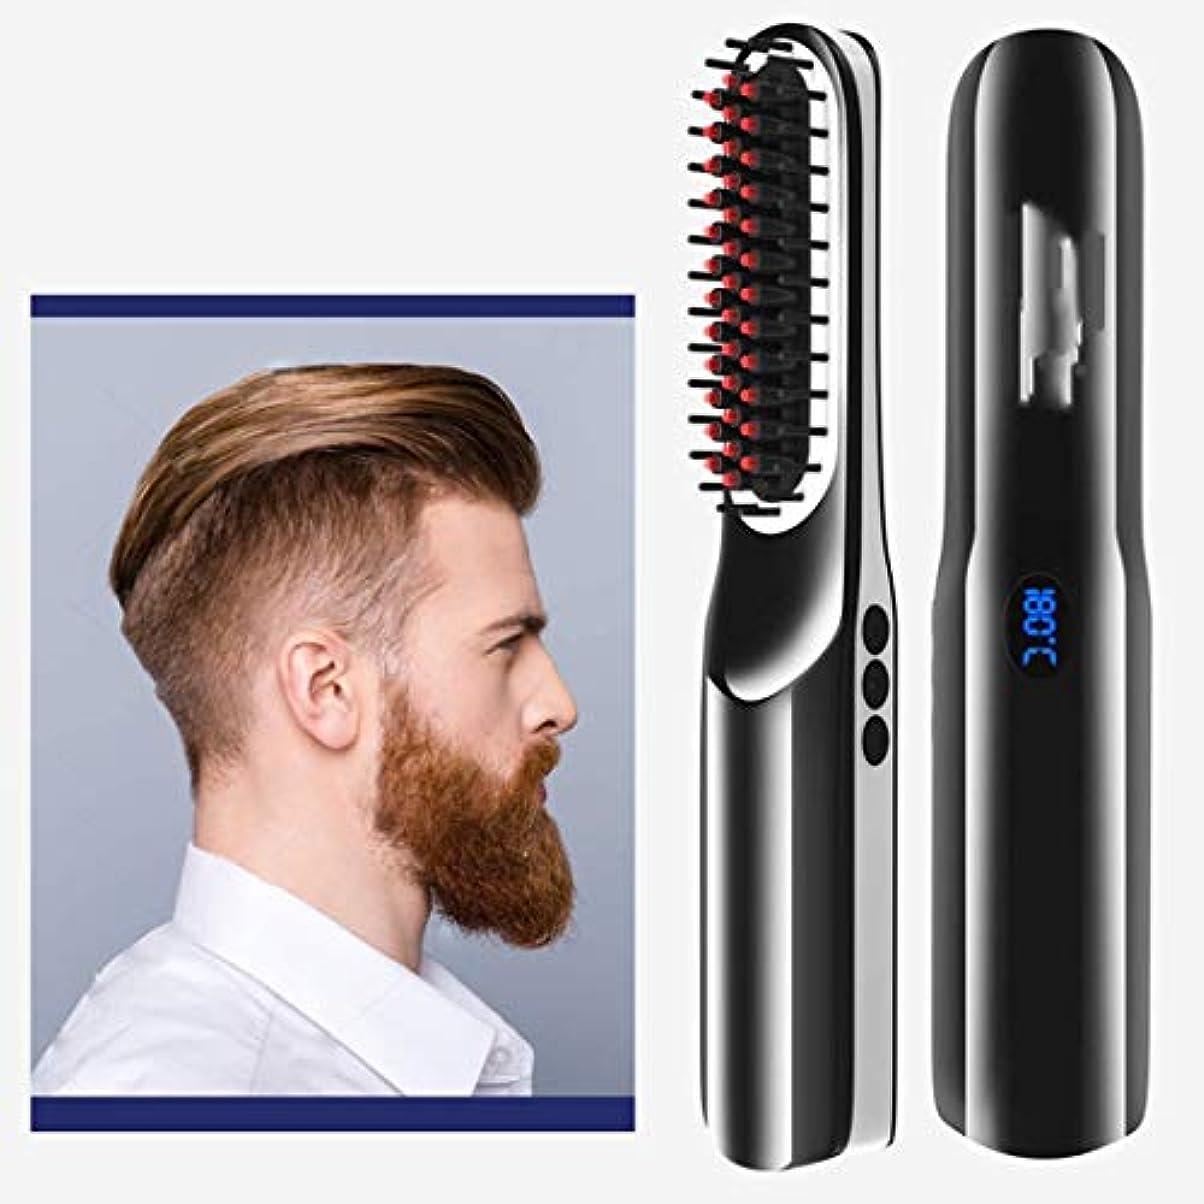 言うまでもなく剥ぎ取る発動機ビアードストレイテナー、ホットくしストレートヘアアイロン、男性用髭ストレイテナー、家庭や旅行のためのポータブルビアードブラシストレイテナーデジタルディスプレイ